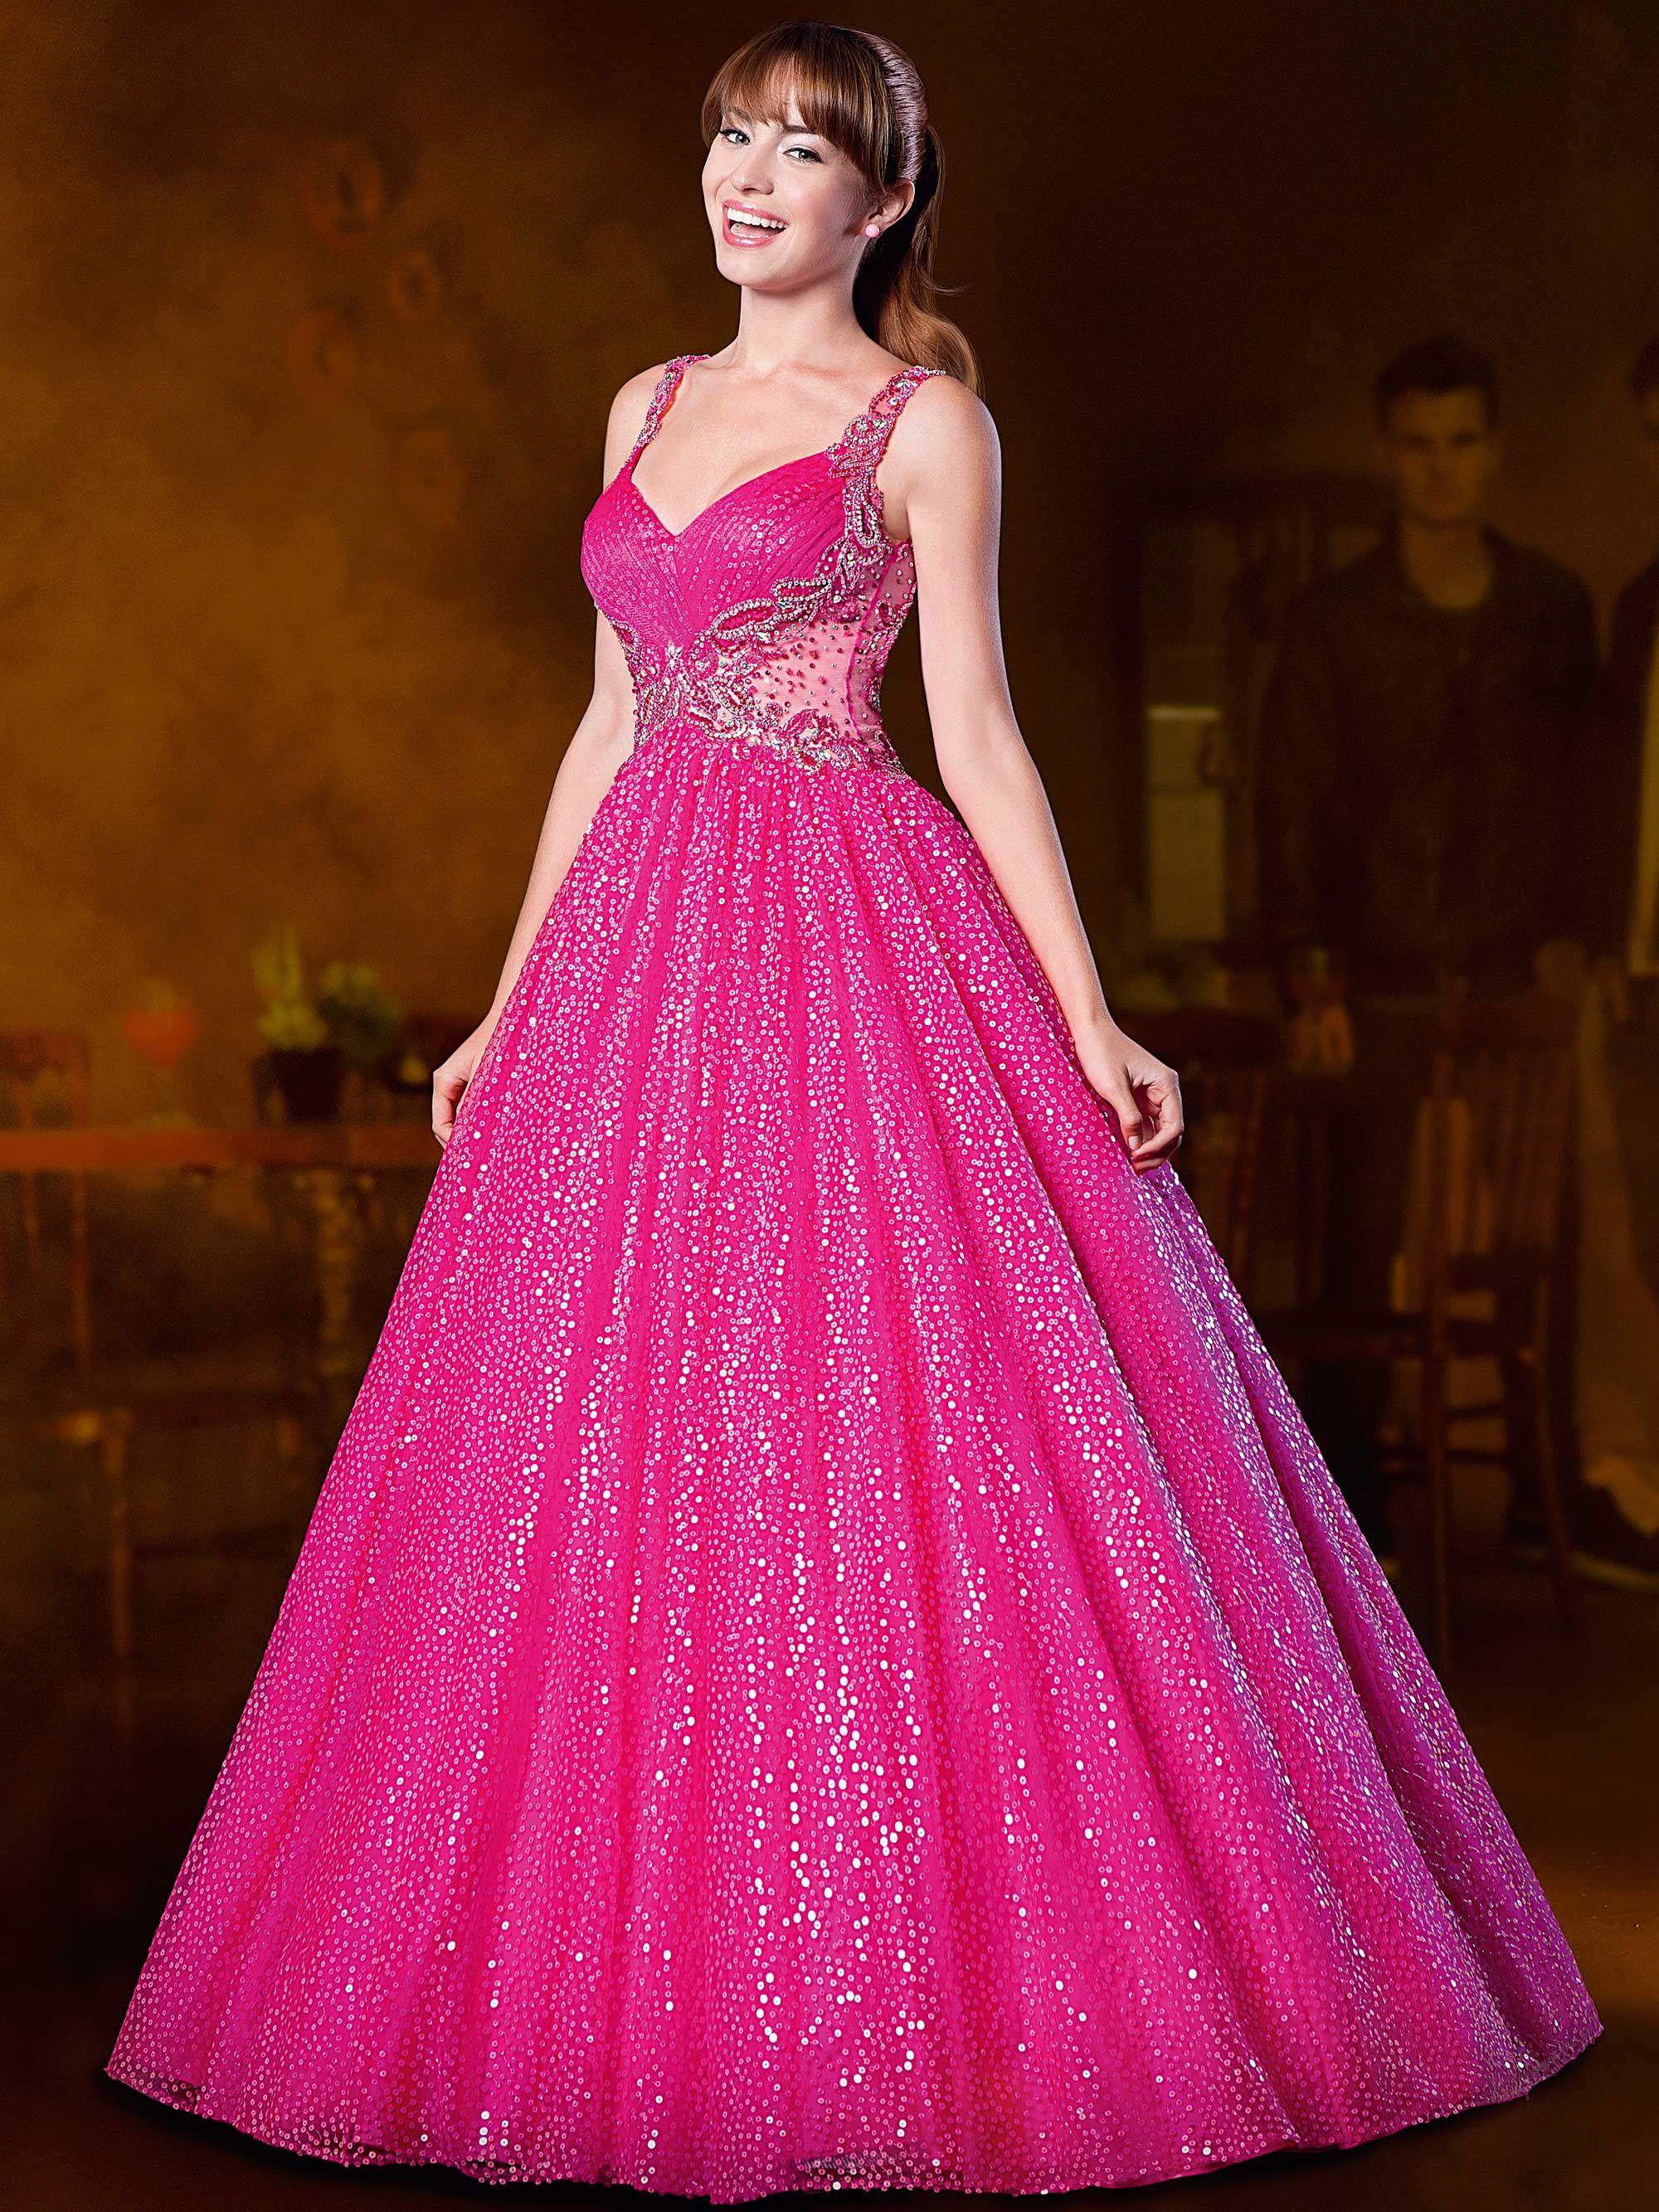 Modelos de vestidos de anos modernos e exclusivos desenvolvidos